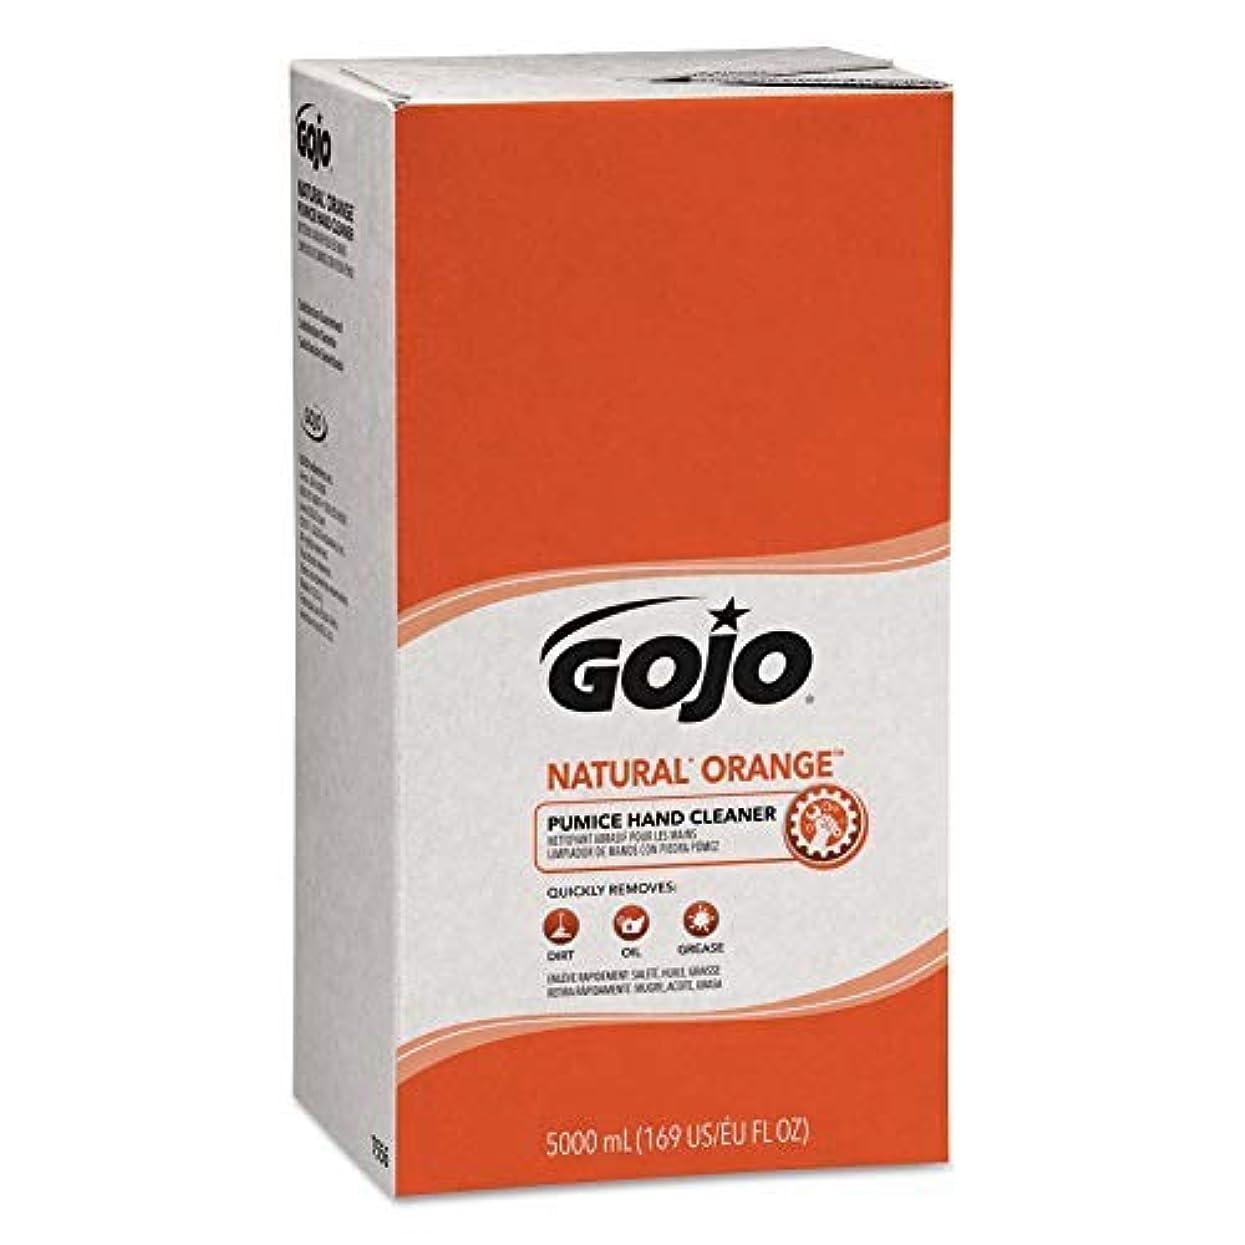 社会主義施設パンGOJO NATURAL ORANGE Pumice Industrial Hand Cleaner,5000 mL Quick Acting Lotion Hand Cleaner Refill for GOJO PRO...